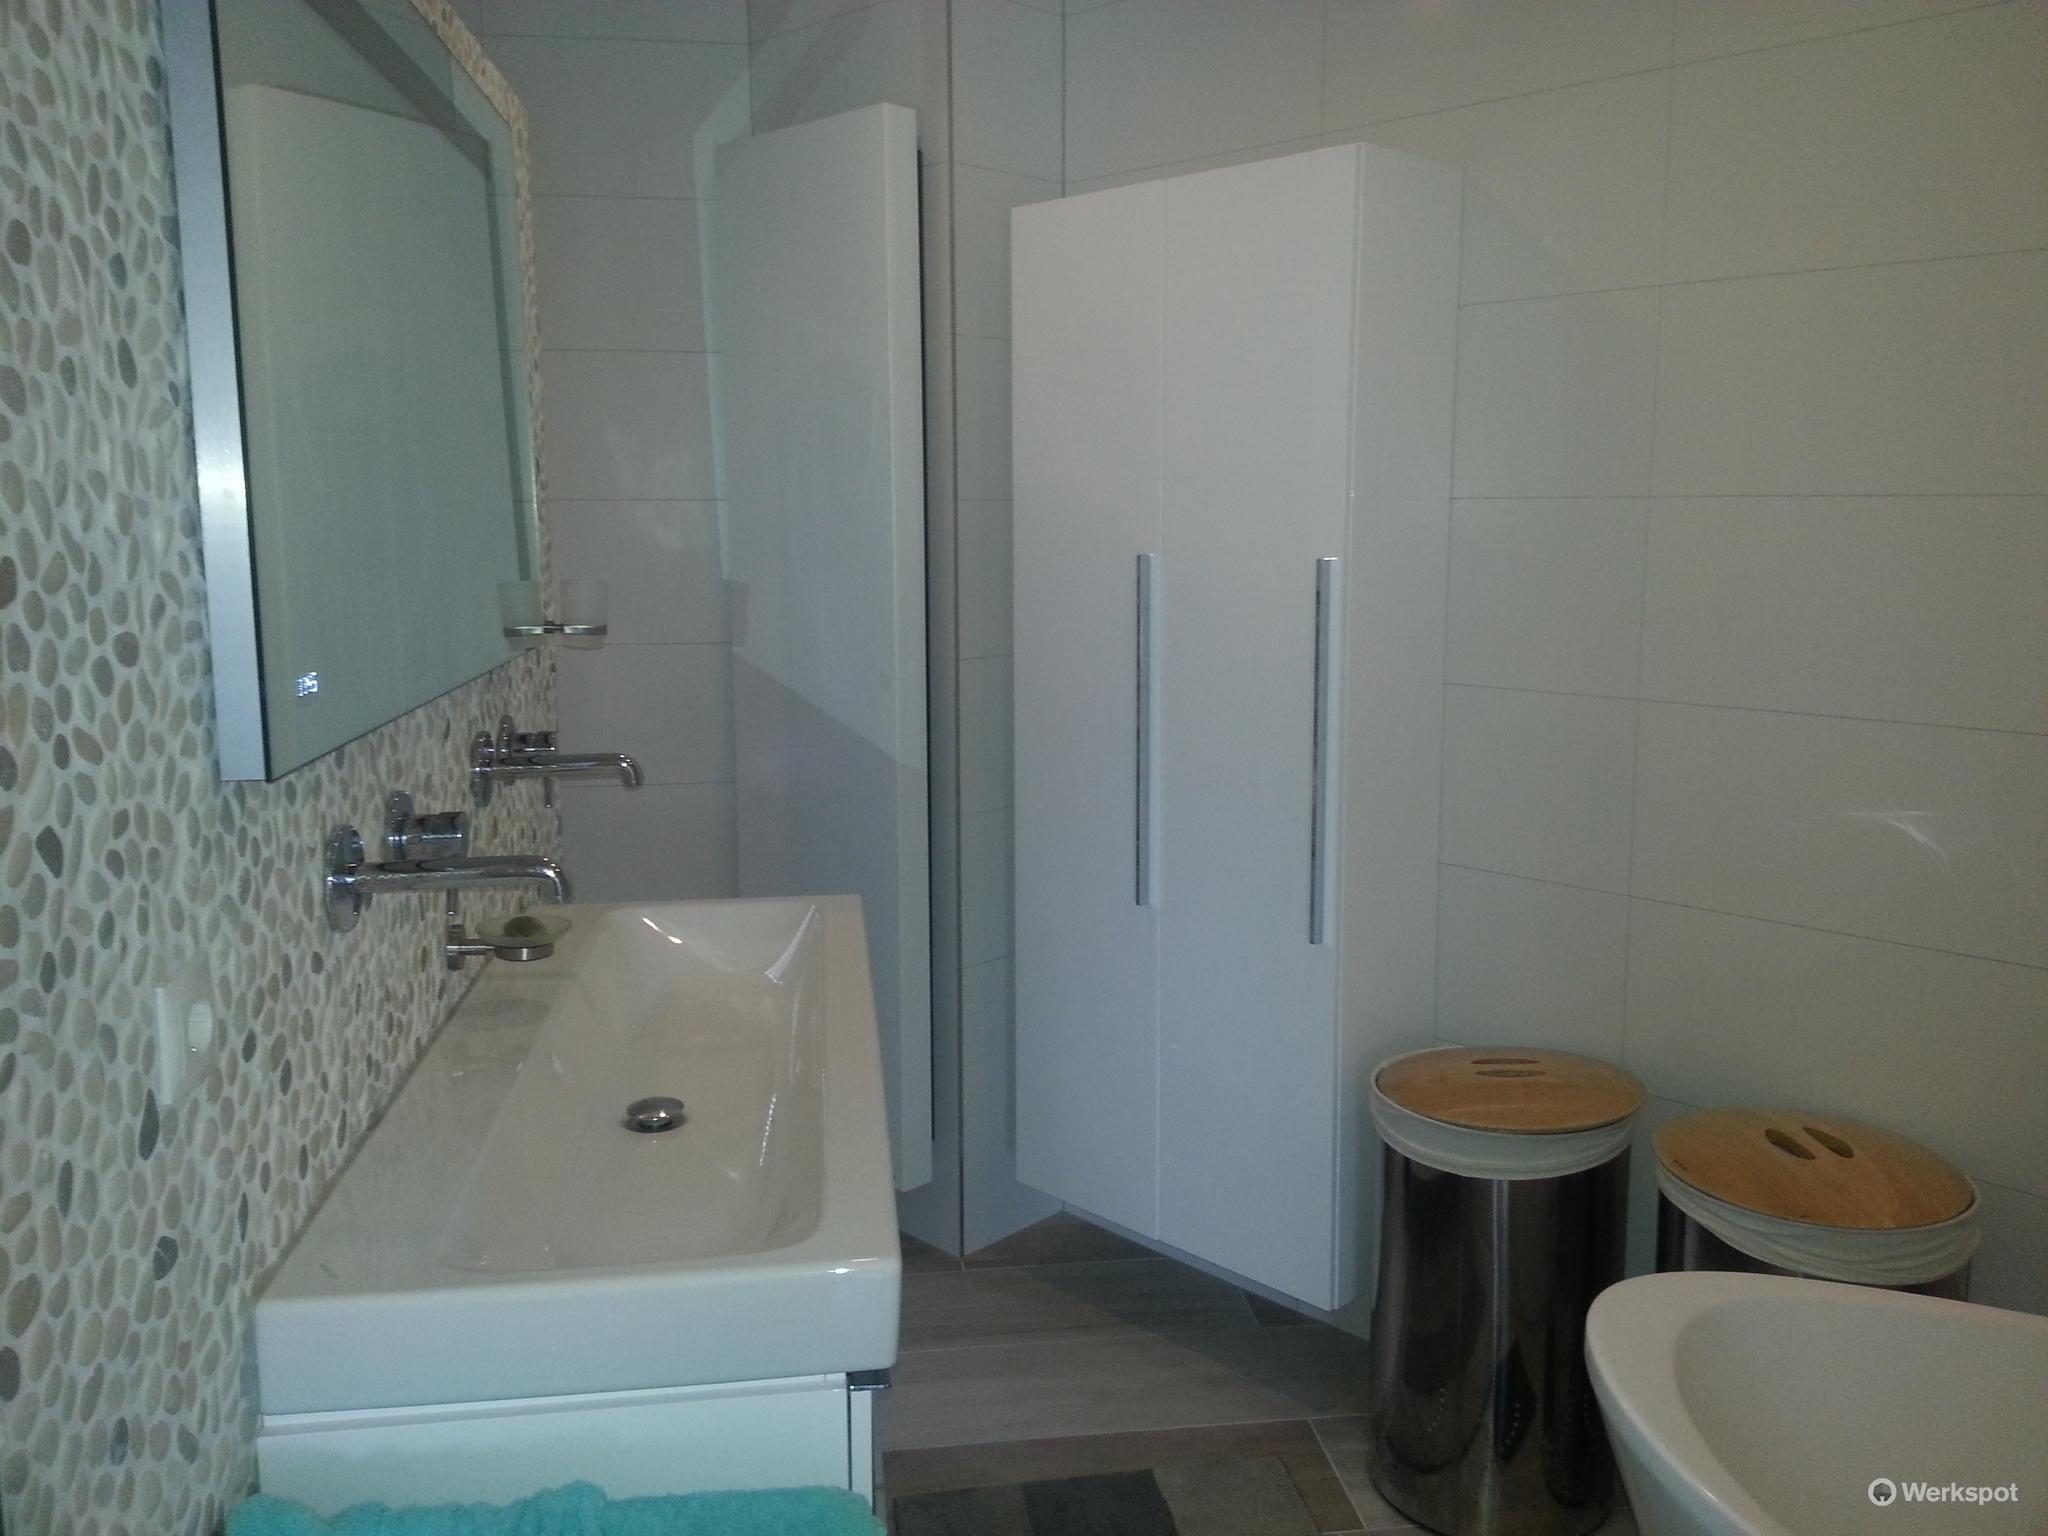 badkamer en toilet worden casco opgeleverd van nieuwbouw - Werkspot